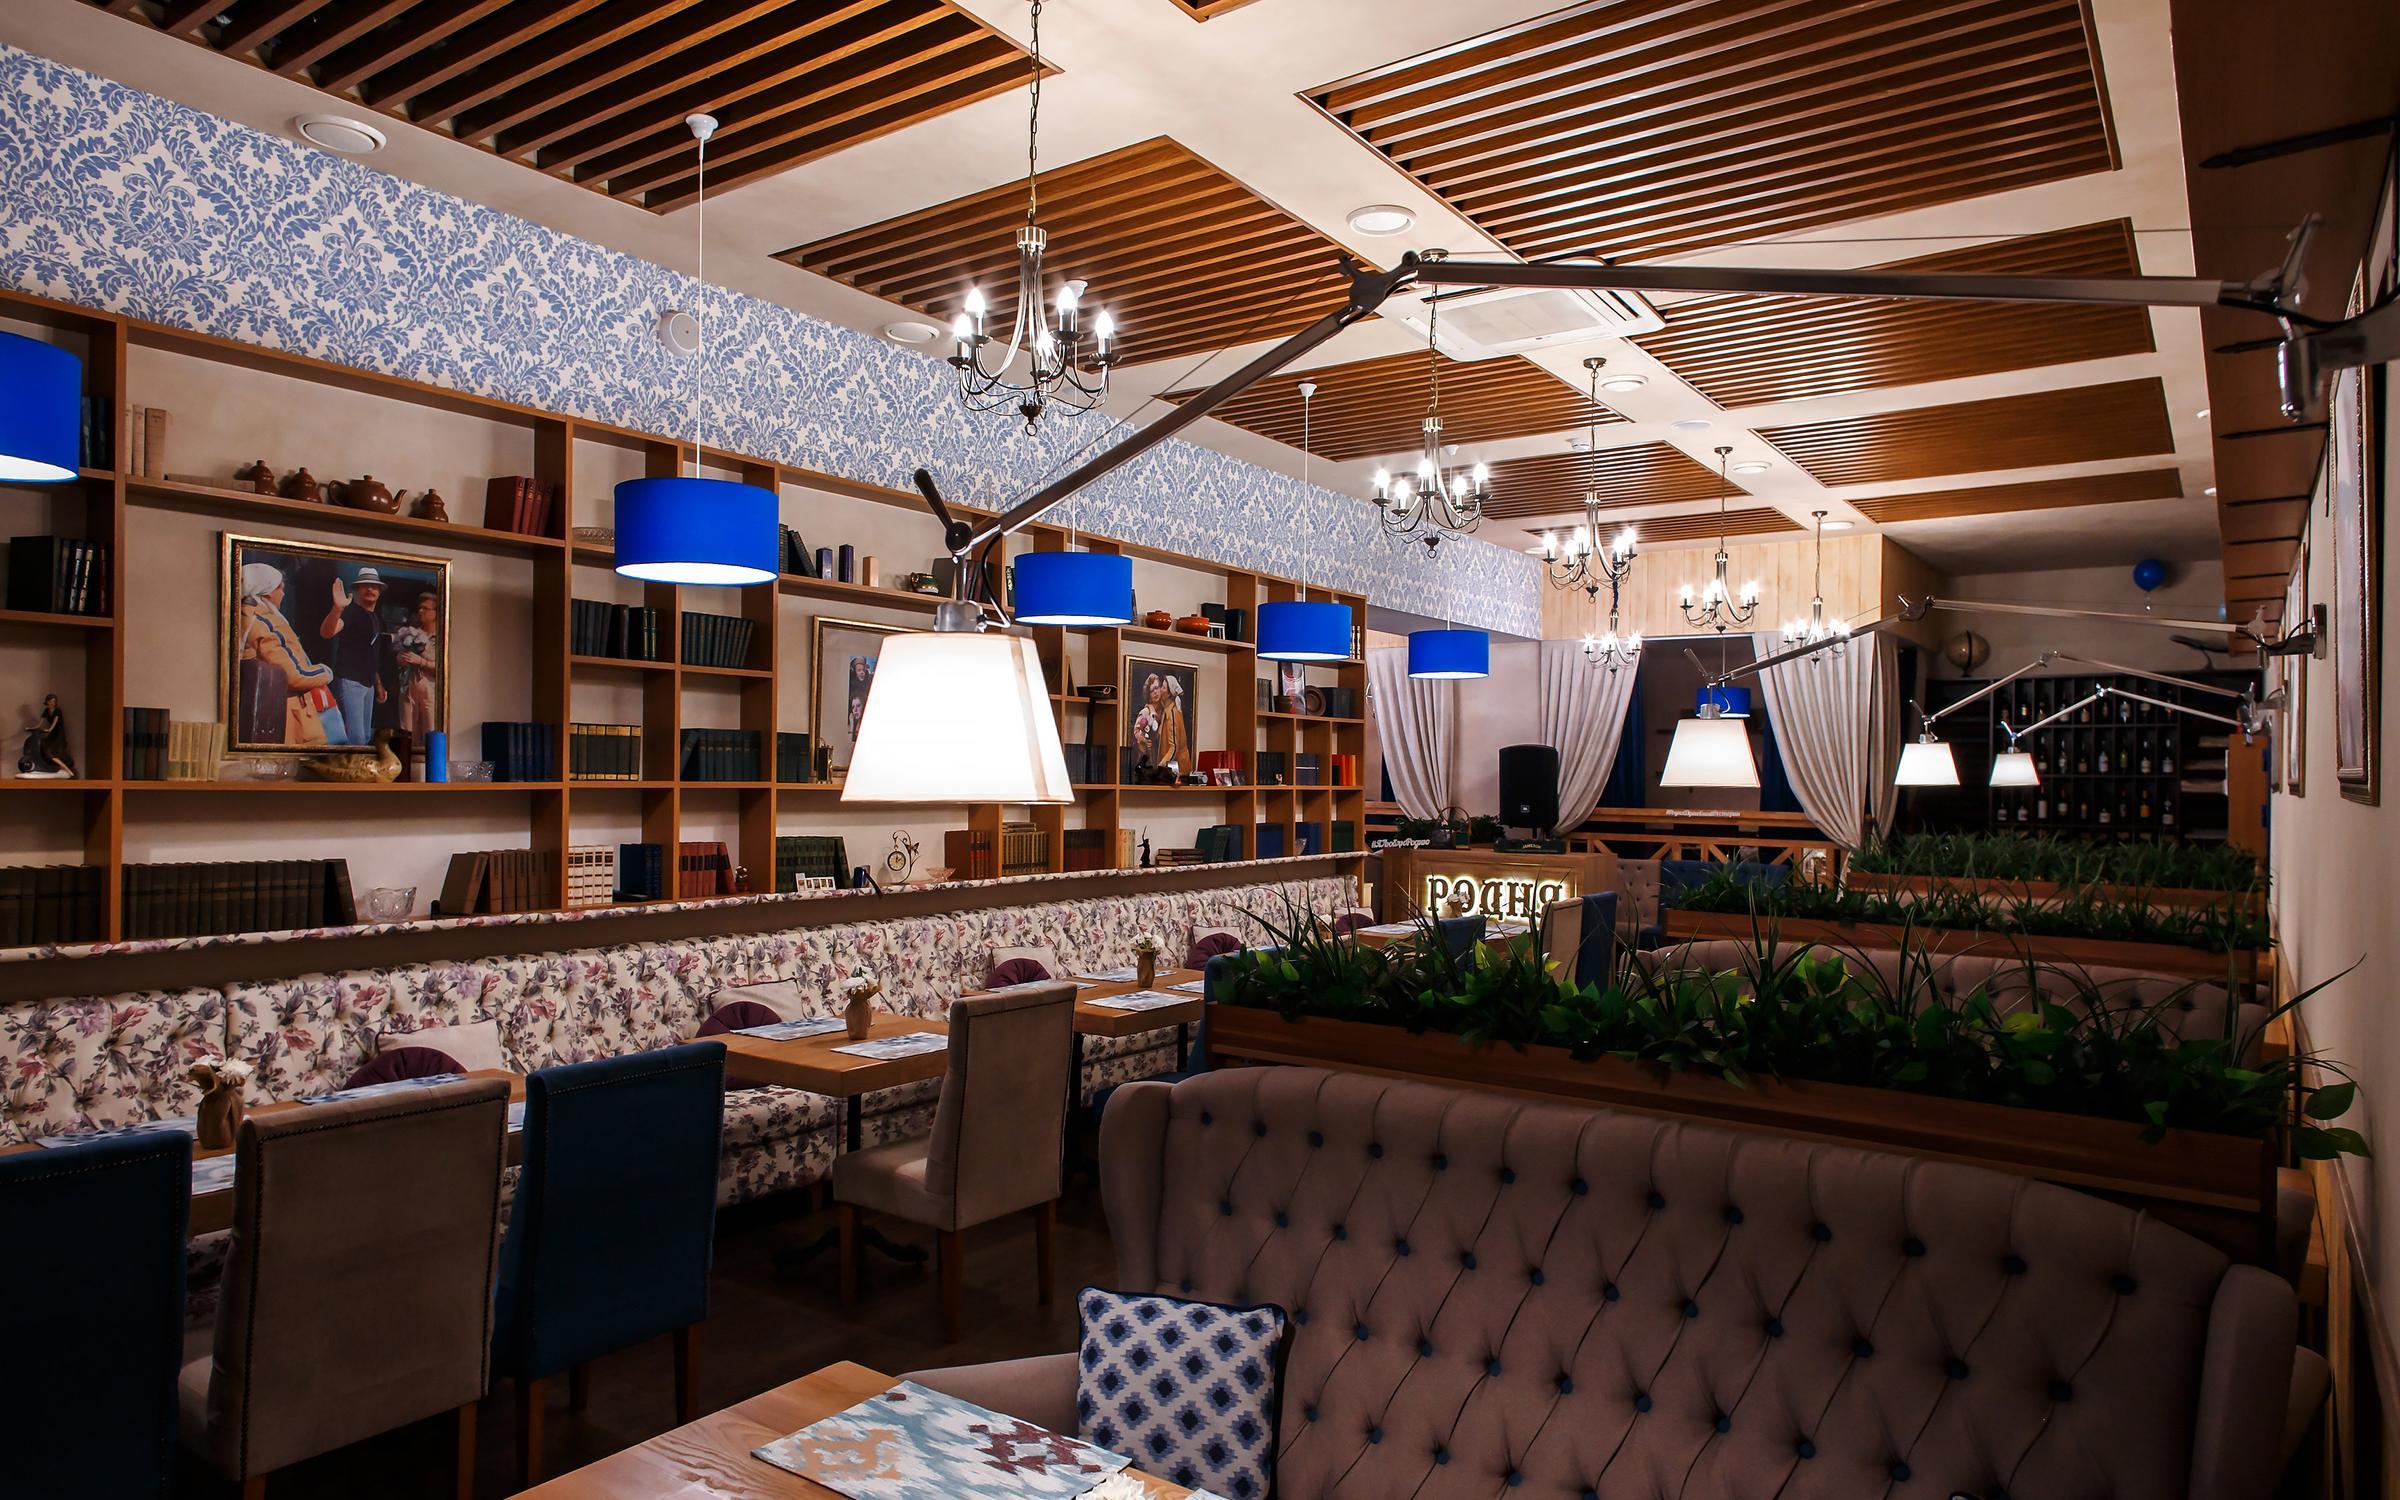 фотография Душевного ресторана Родня на улице Кирова